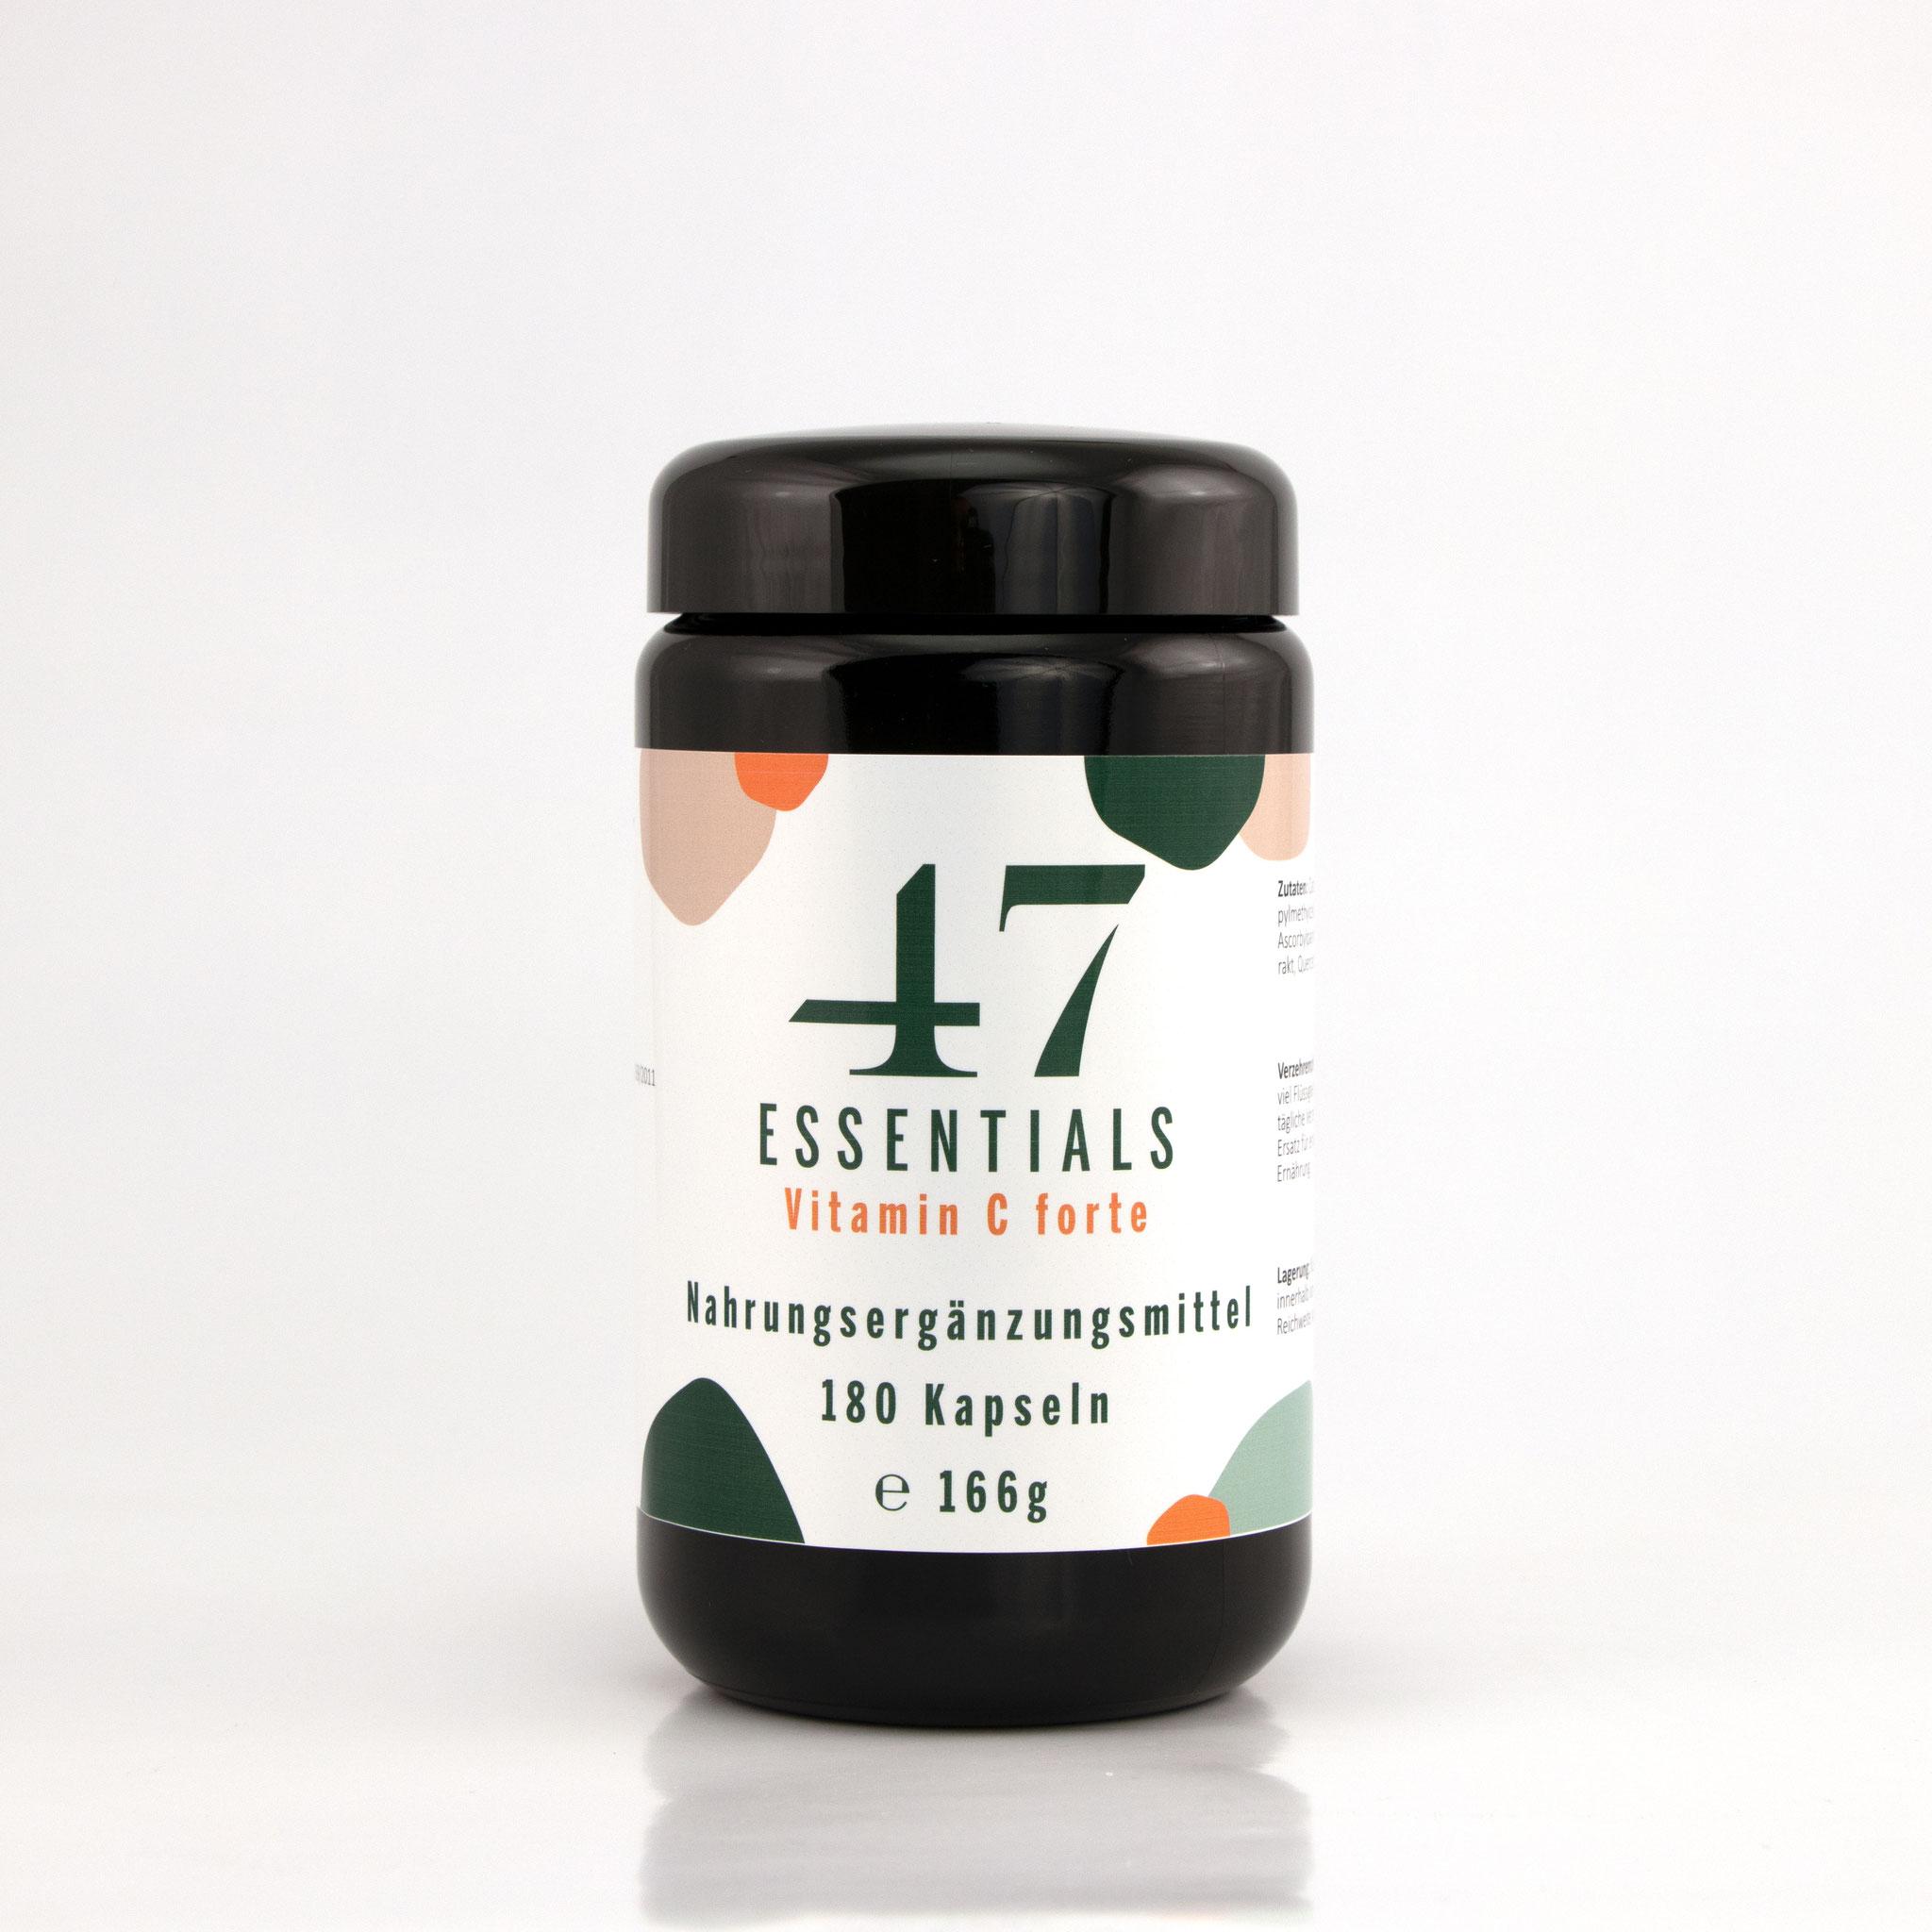 Vitamin C forte 180 Kapseln (Kurzer Prozess für freie Radikale)     € 47,00           Klicken Sie hier um mehr über das Produkt zu erfahren